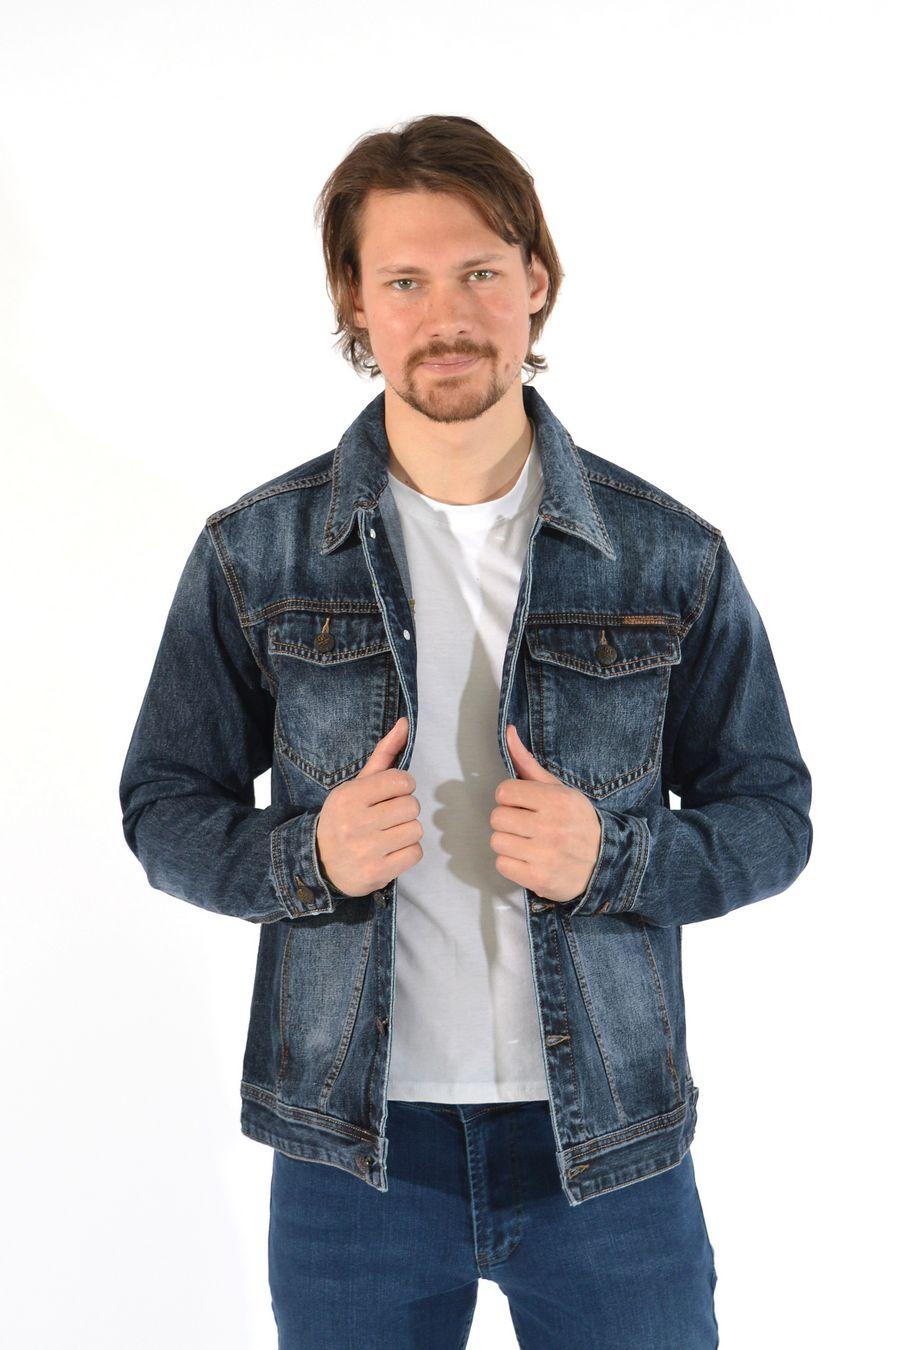 Пиджак мужской (джинсовка) Regass 87211/07 - фото 1